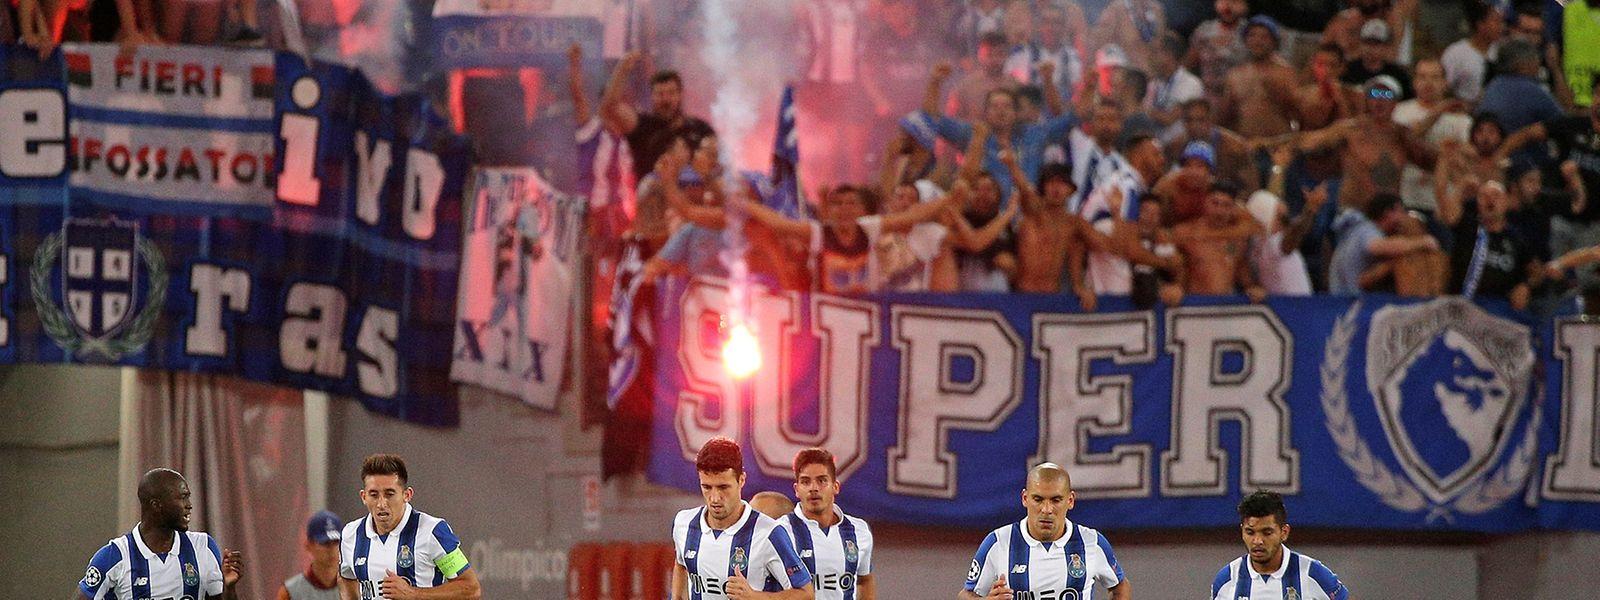 'Dragões' asseguraram o apuramento para a Liga Milionária com uma vitória expressiva em Roma